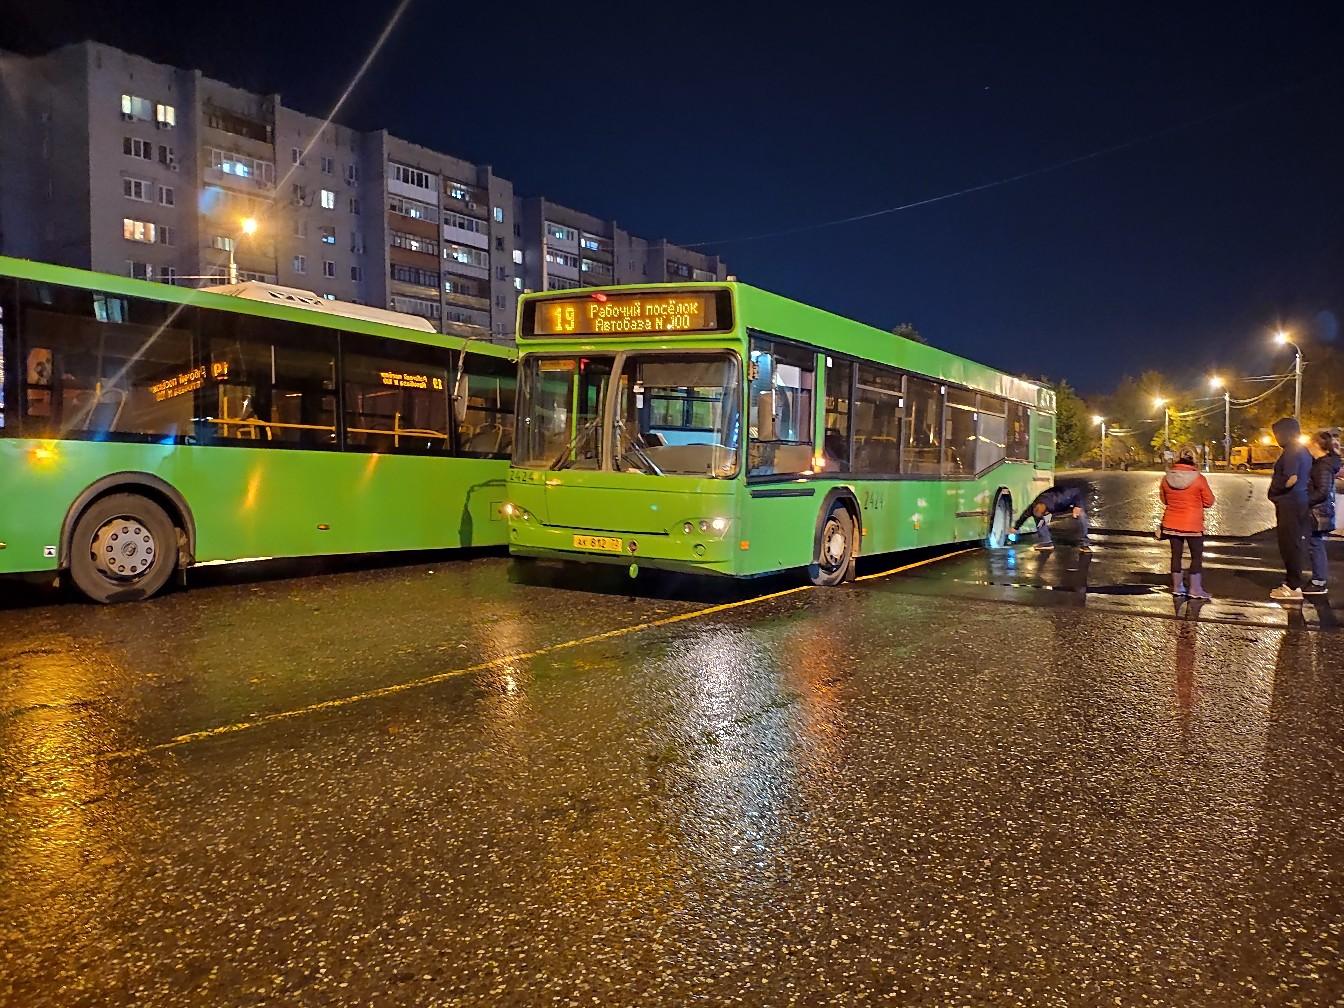 Ищем пассажиров, которые в момент провала автобуса находились внутри